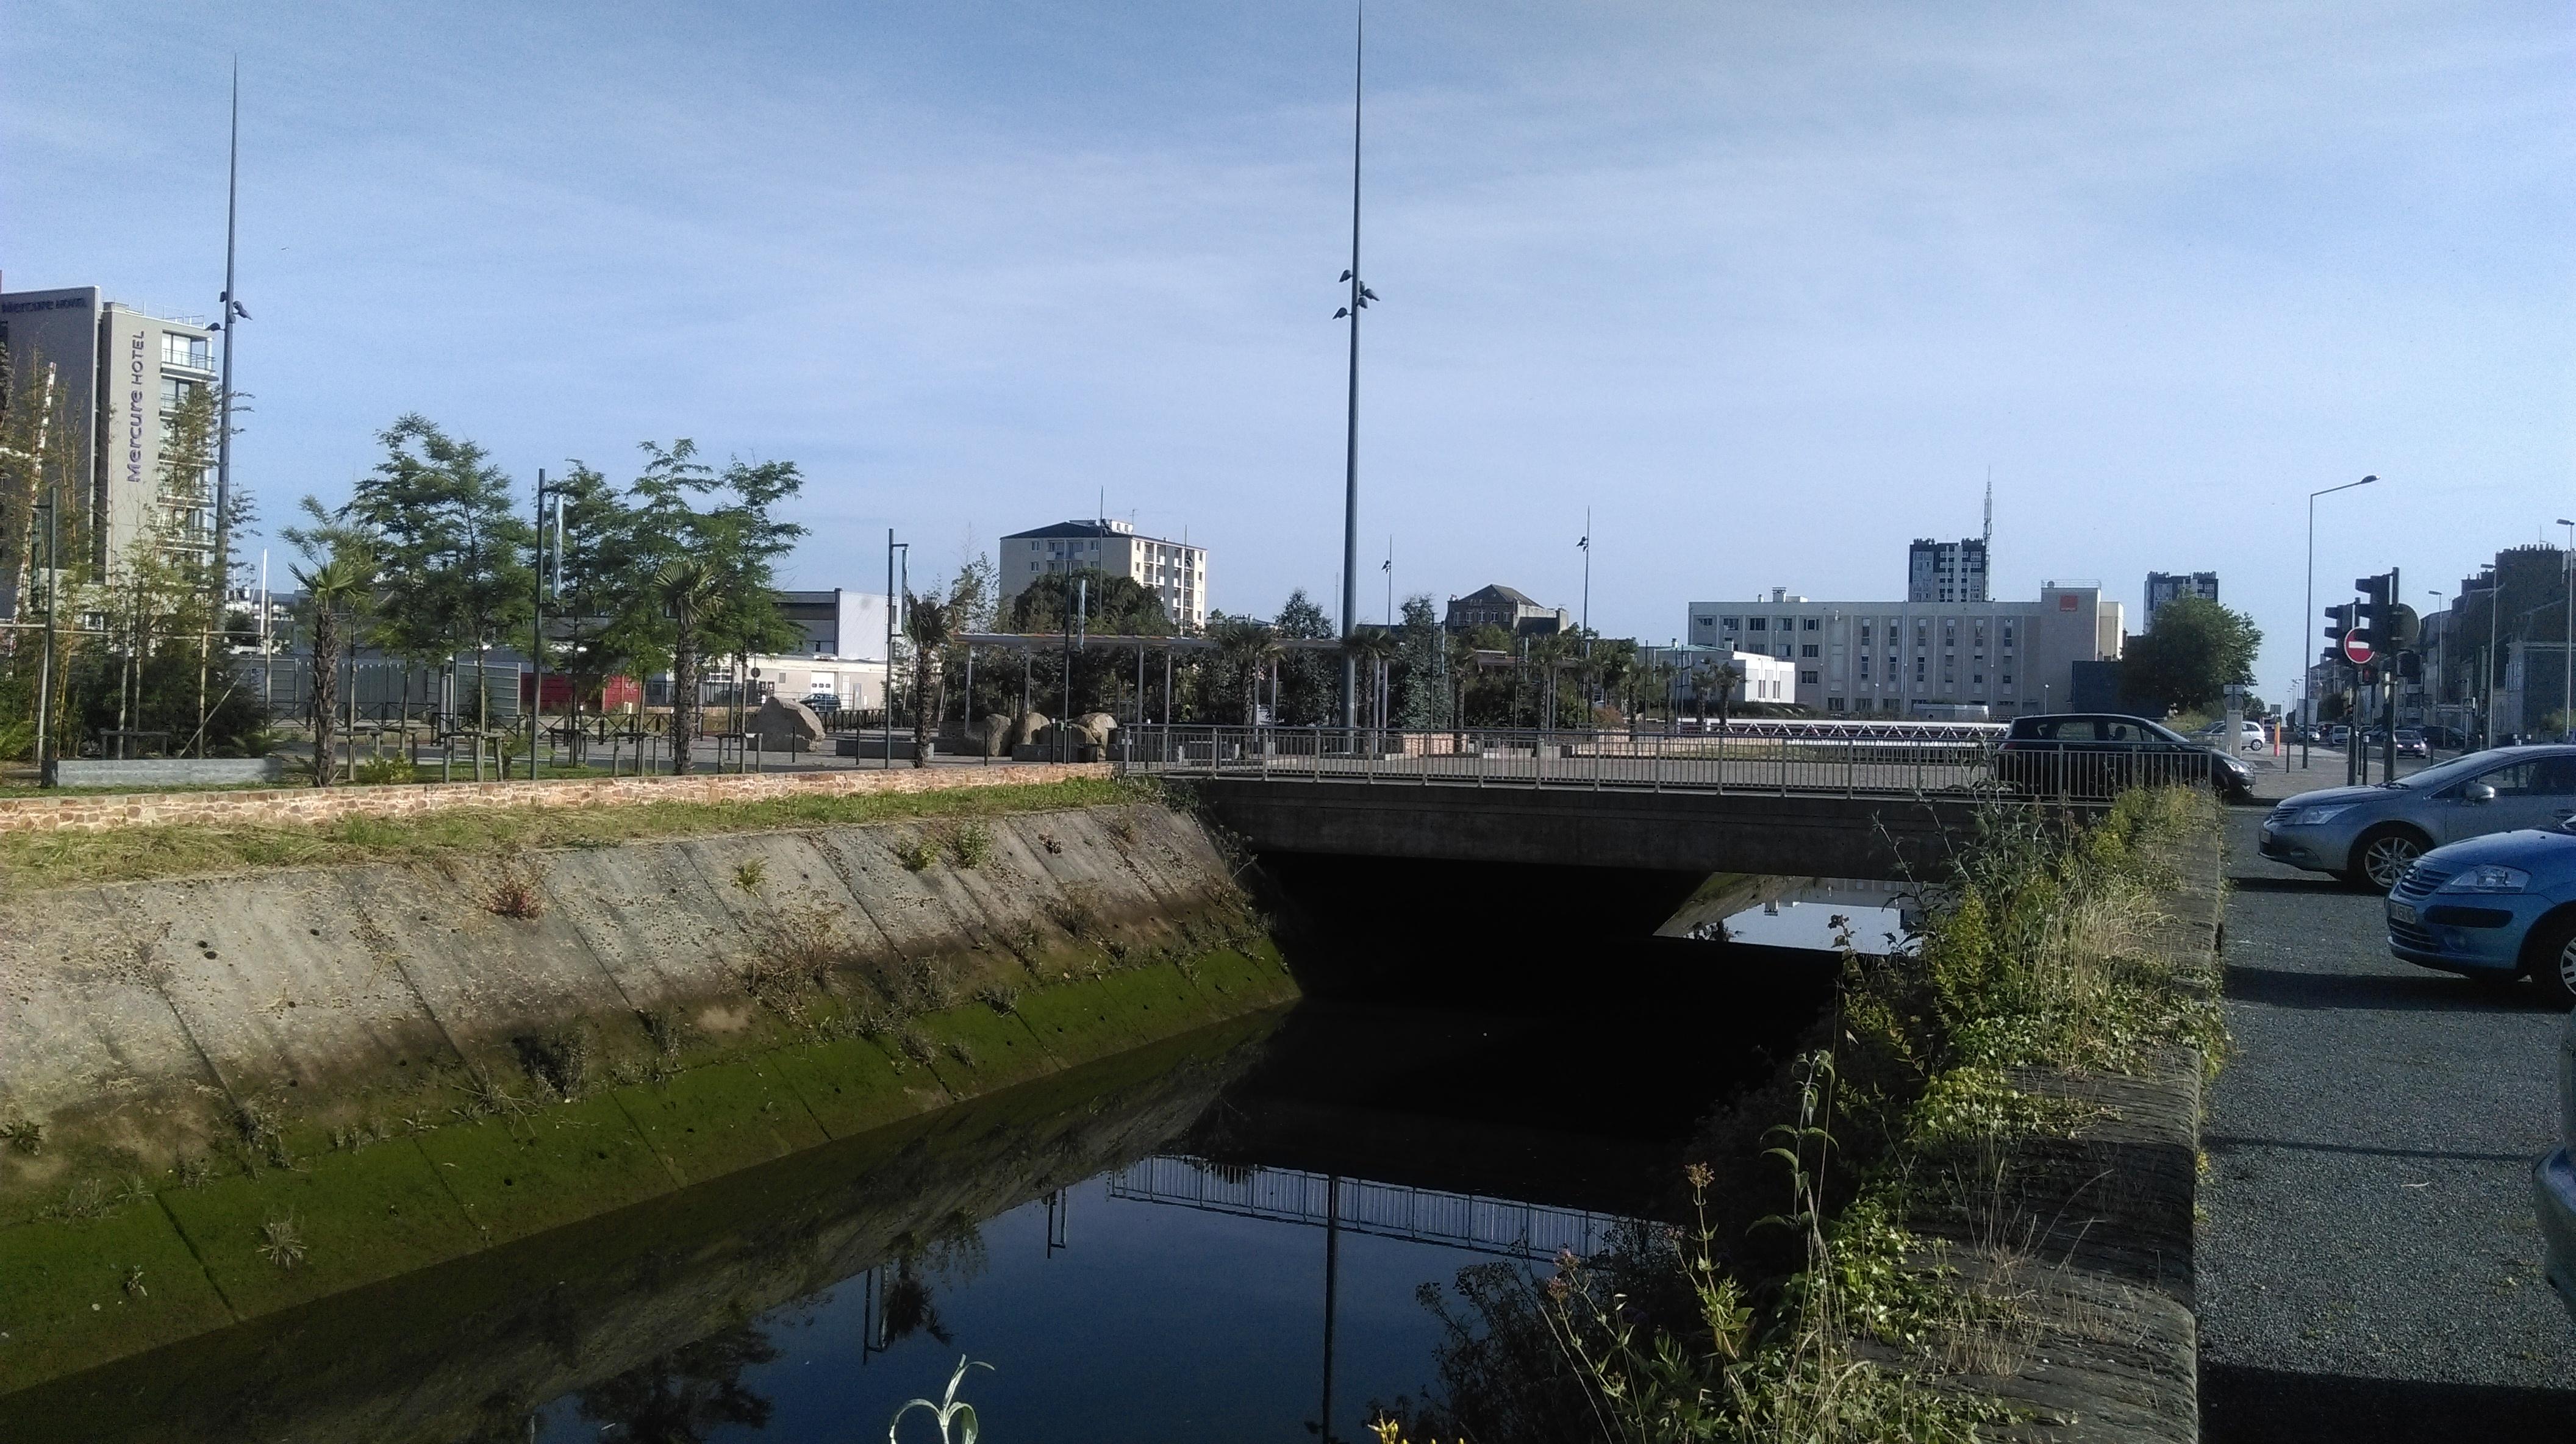 Ponts sur Divette - Cherbourg